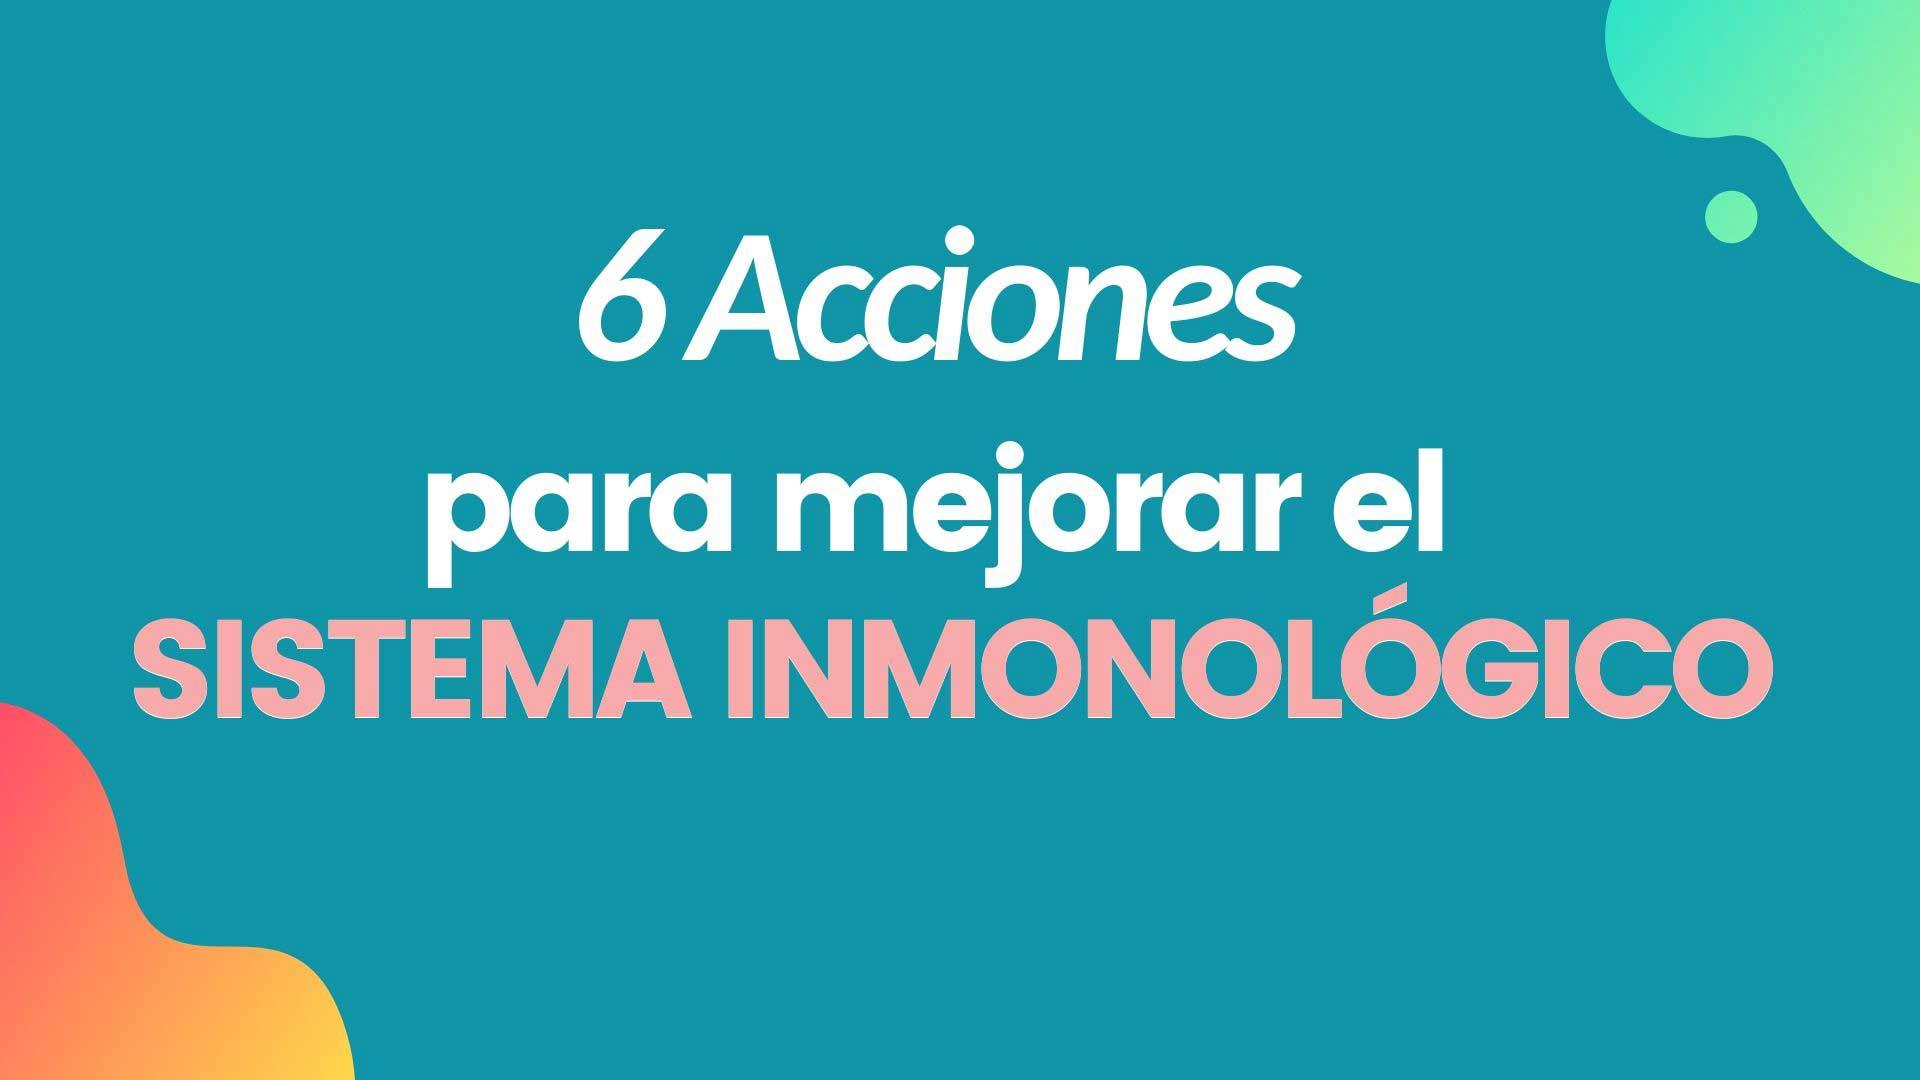 6 acciones para mejorar el sistema inmunologico